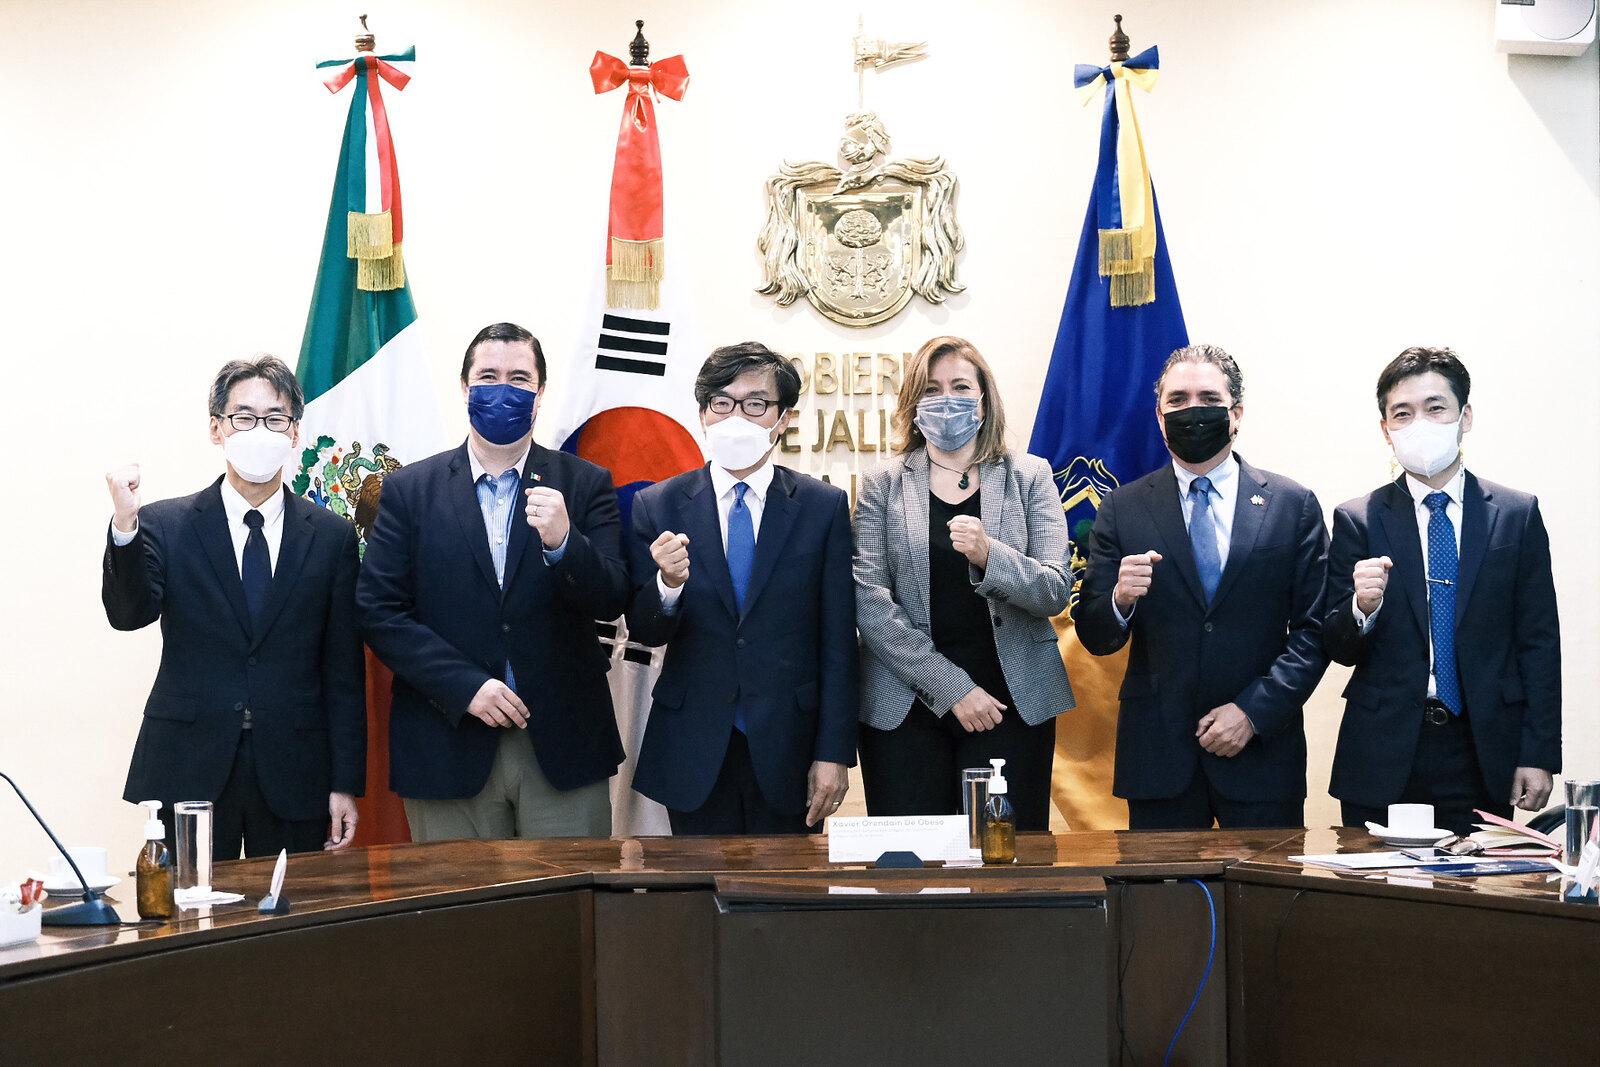 Gobierno de Jalisco y Corea estrechan lazos de amistad y económicos principalmente en materia tecnológica